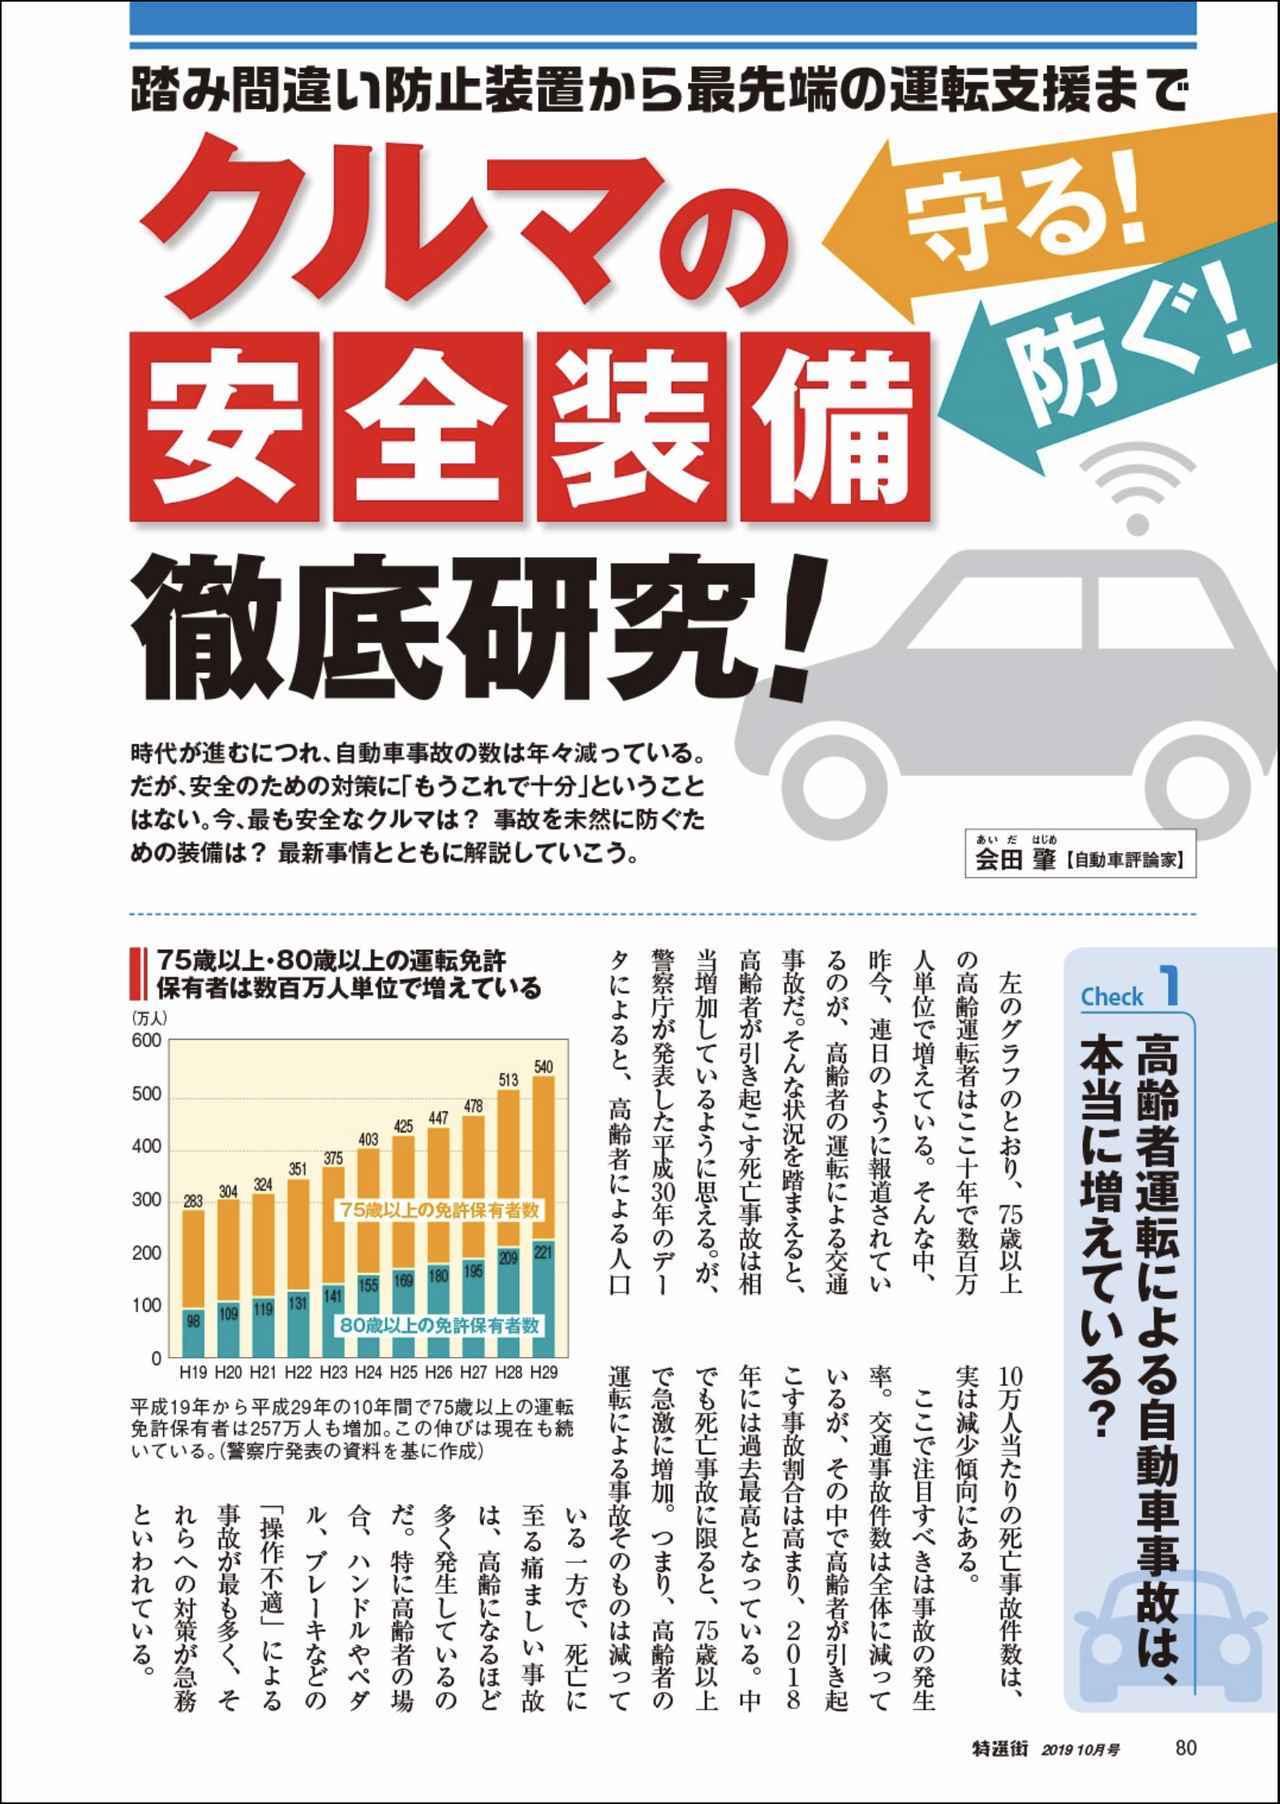 画像4: 『特選街』10月号本日発売! 「LINE」「インスタ」「ツイッター」「スマホ決済」を大特集!